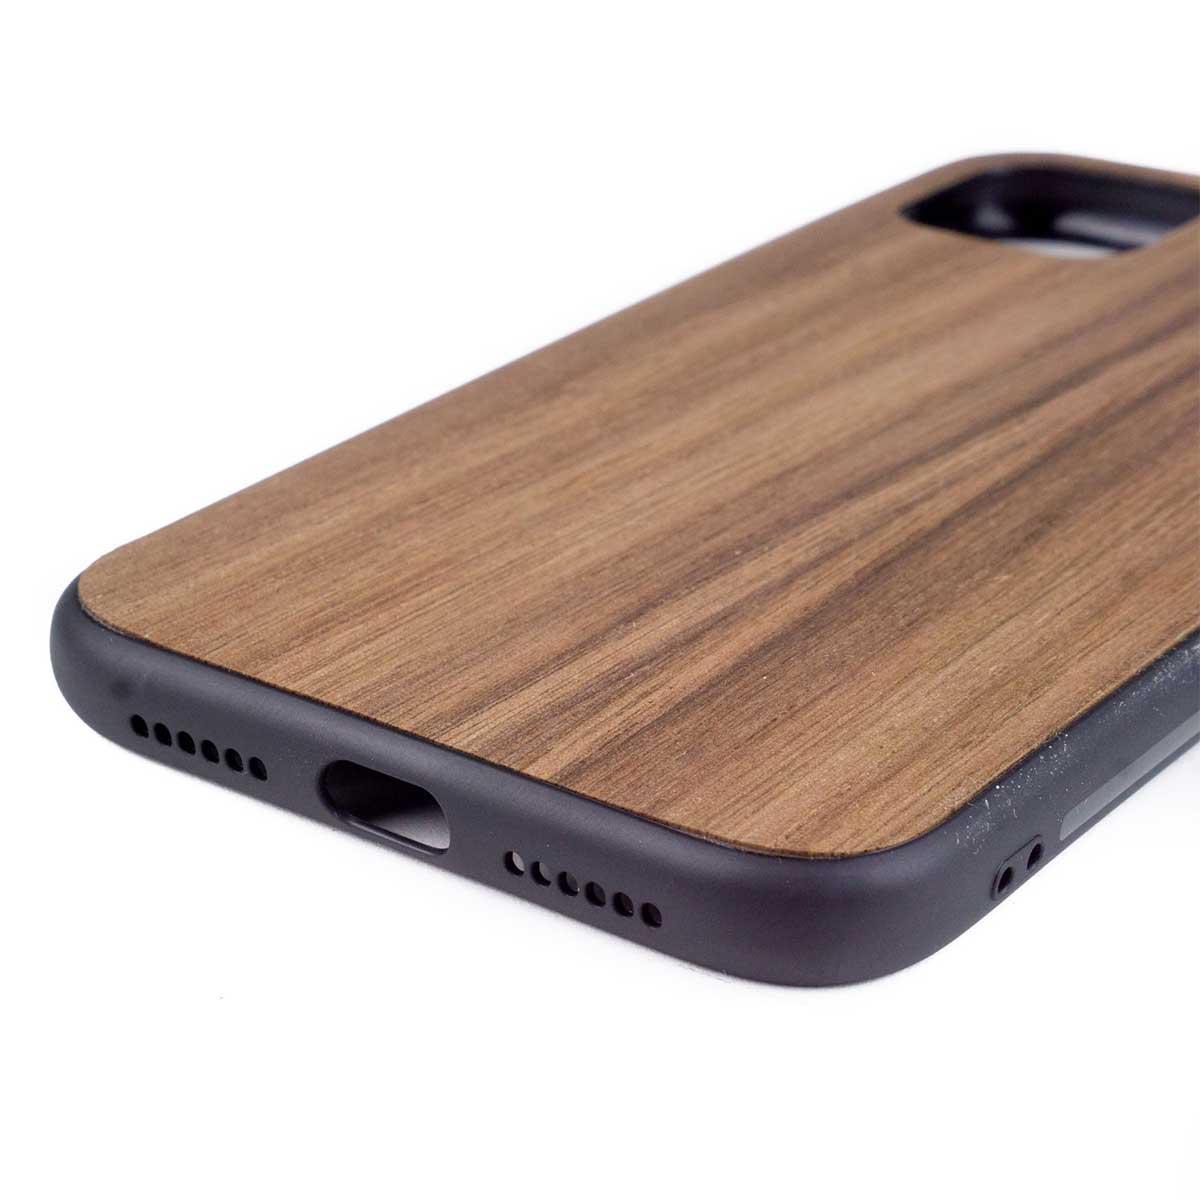 Telefoonhoesje van hout of leer met persoonlijke gravering